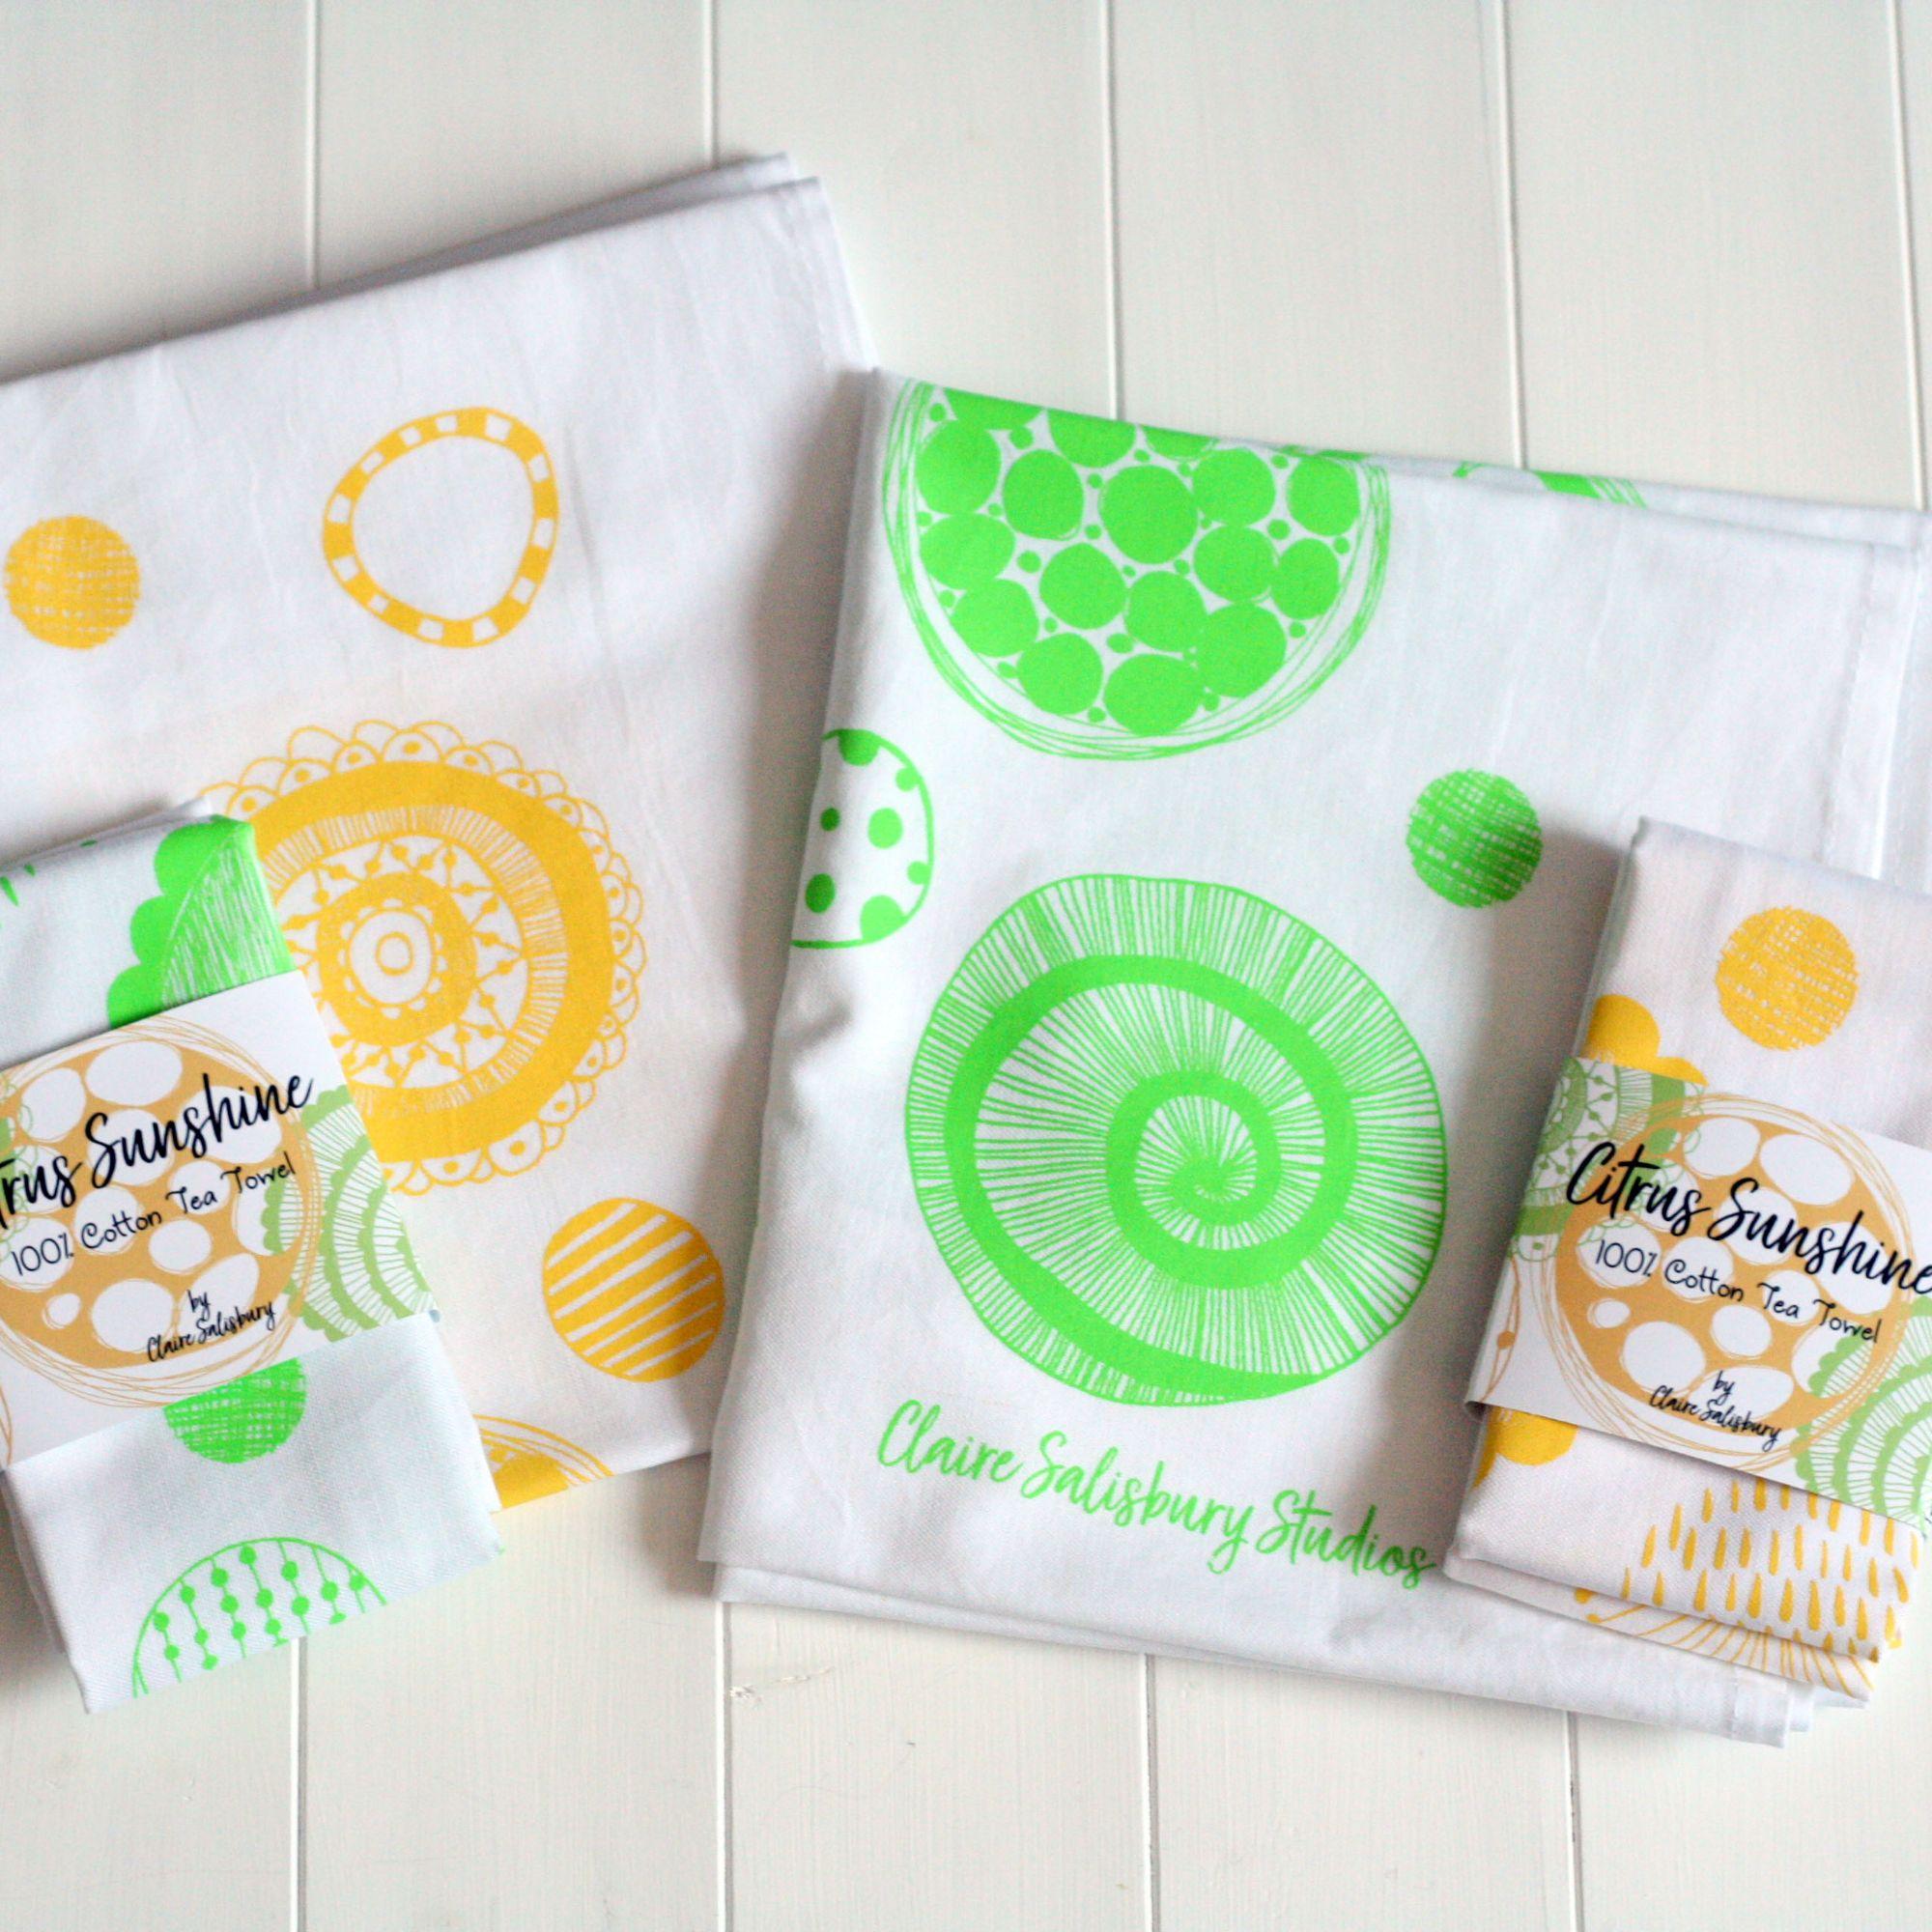 100% Cotton Tea Towels - Citrus Sunshine